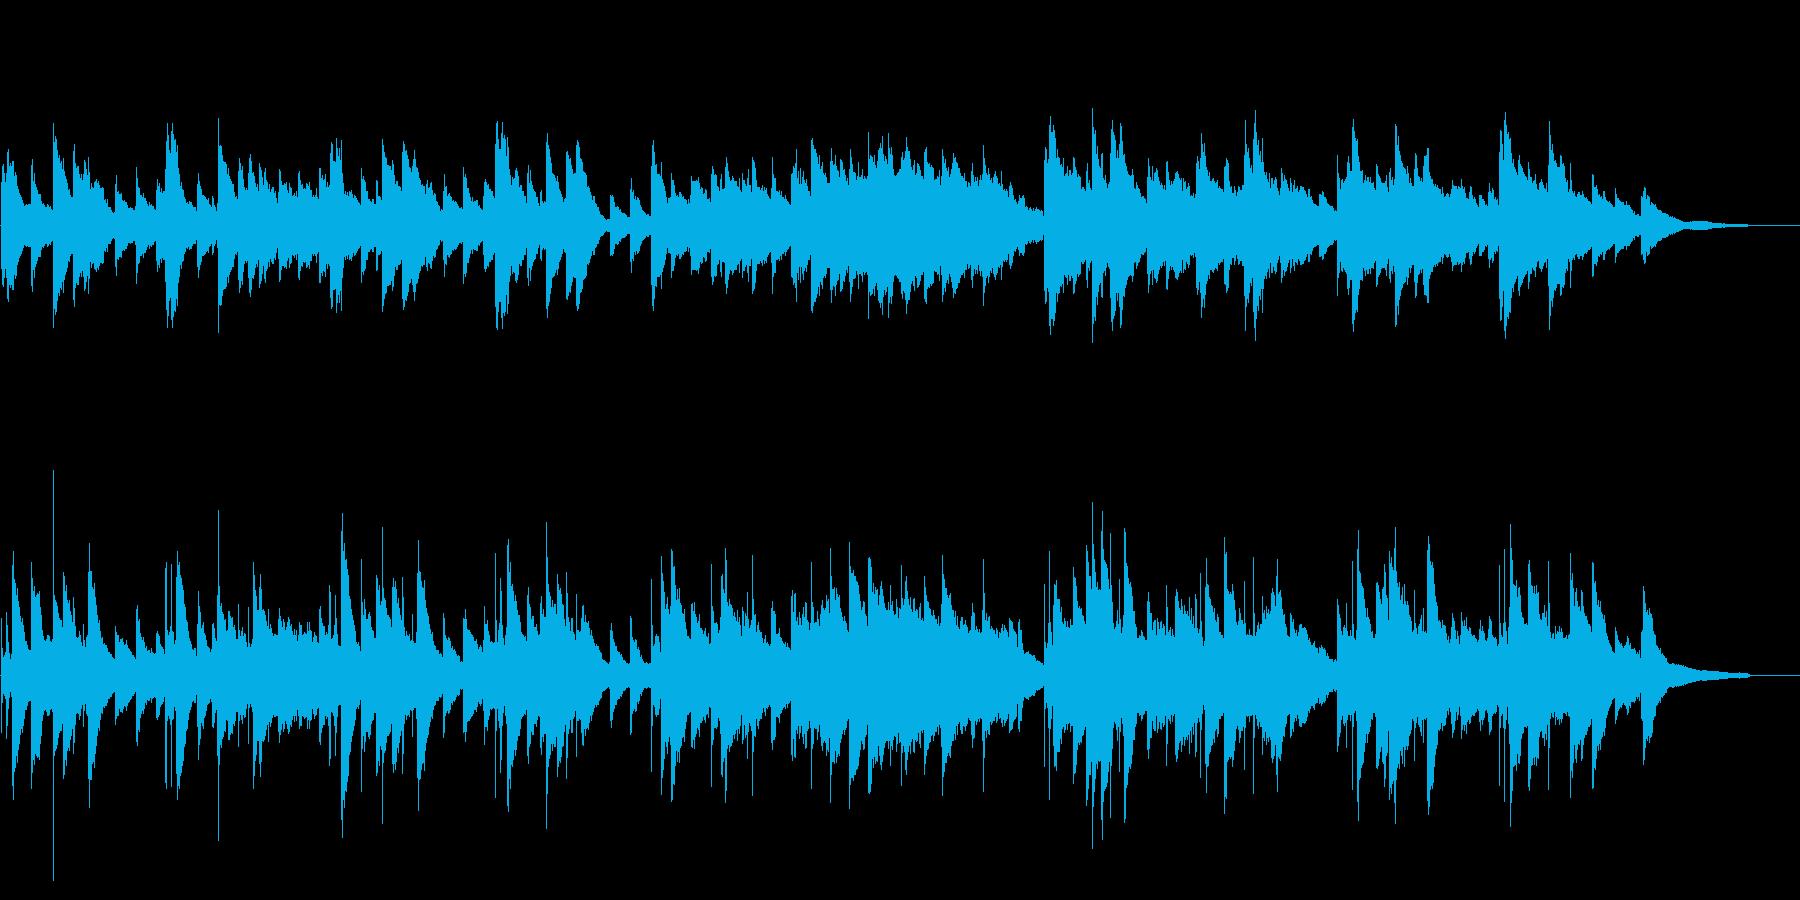 【ピアノ】心温まるピアノ曲の再生済みの波形